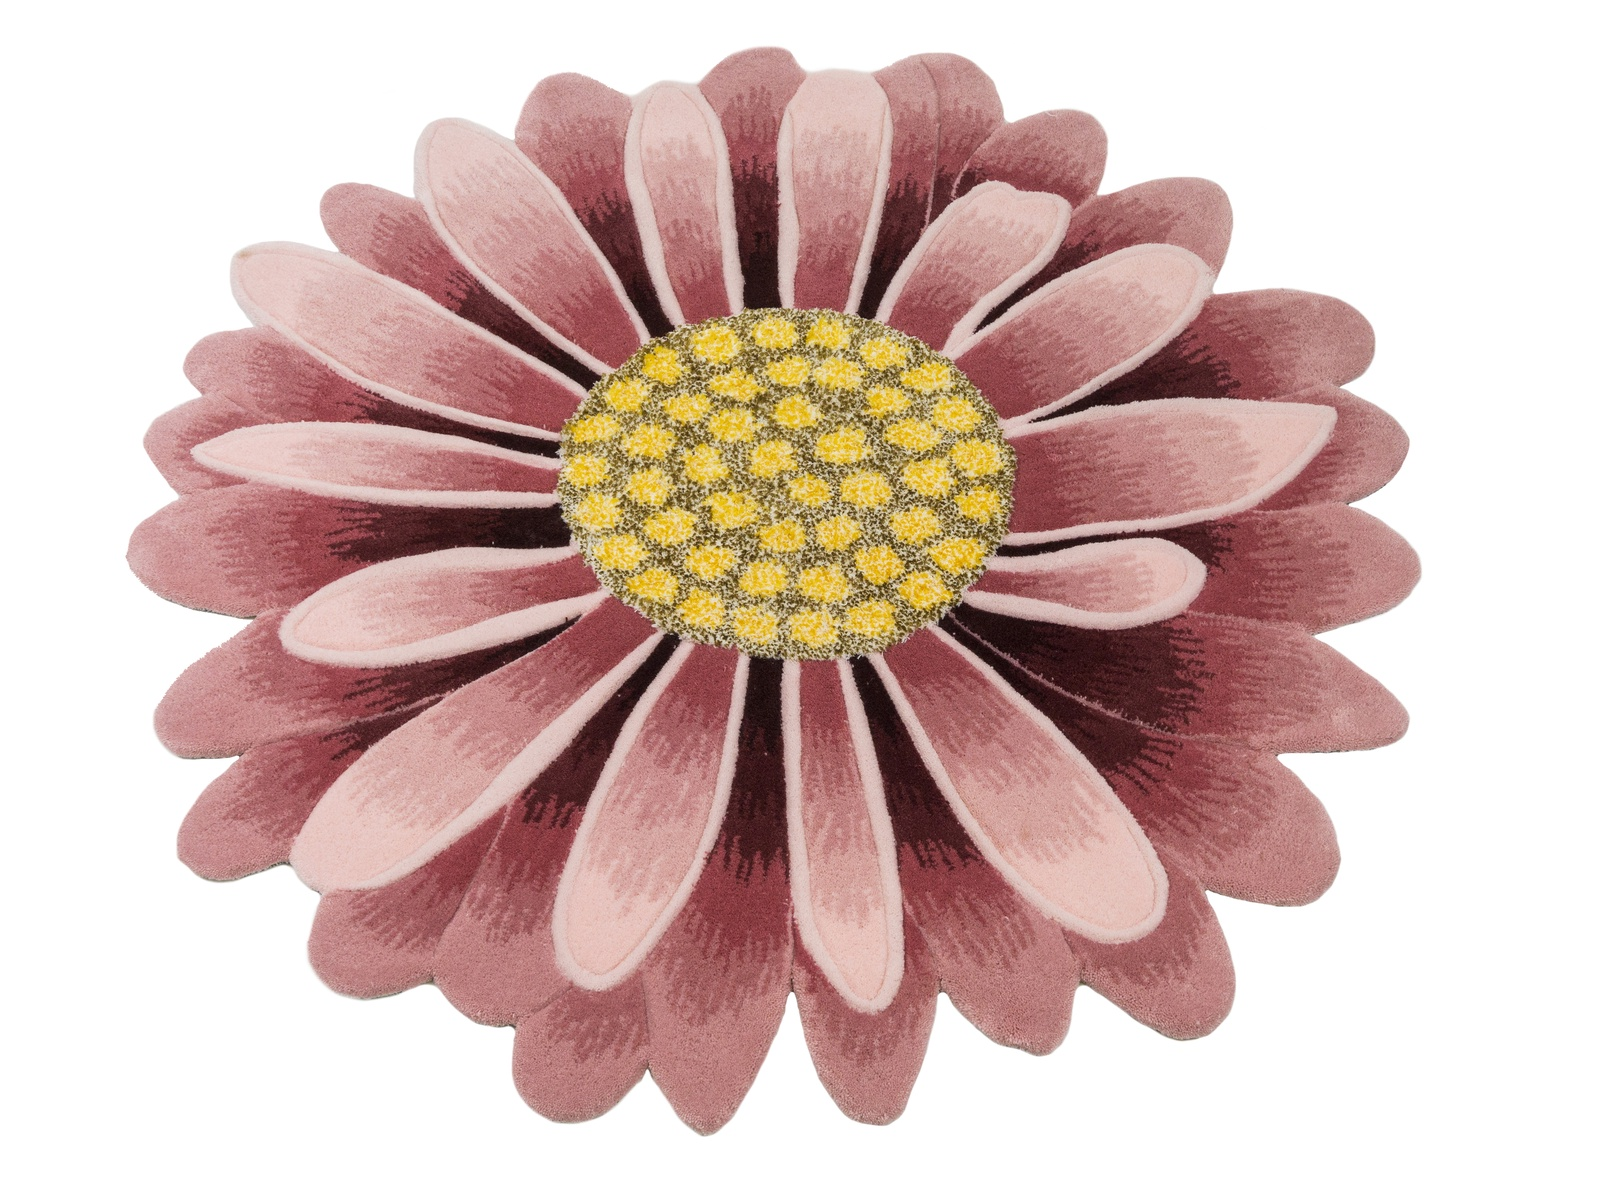 Ковер MADONNA 1,2х1,2 м /фигурный, розовый